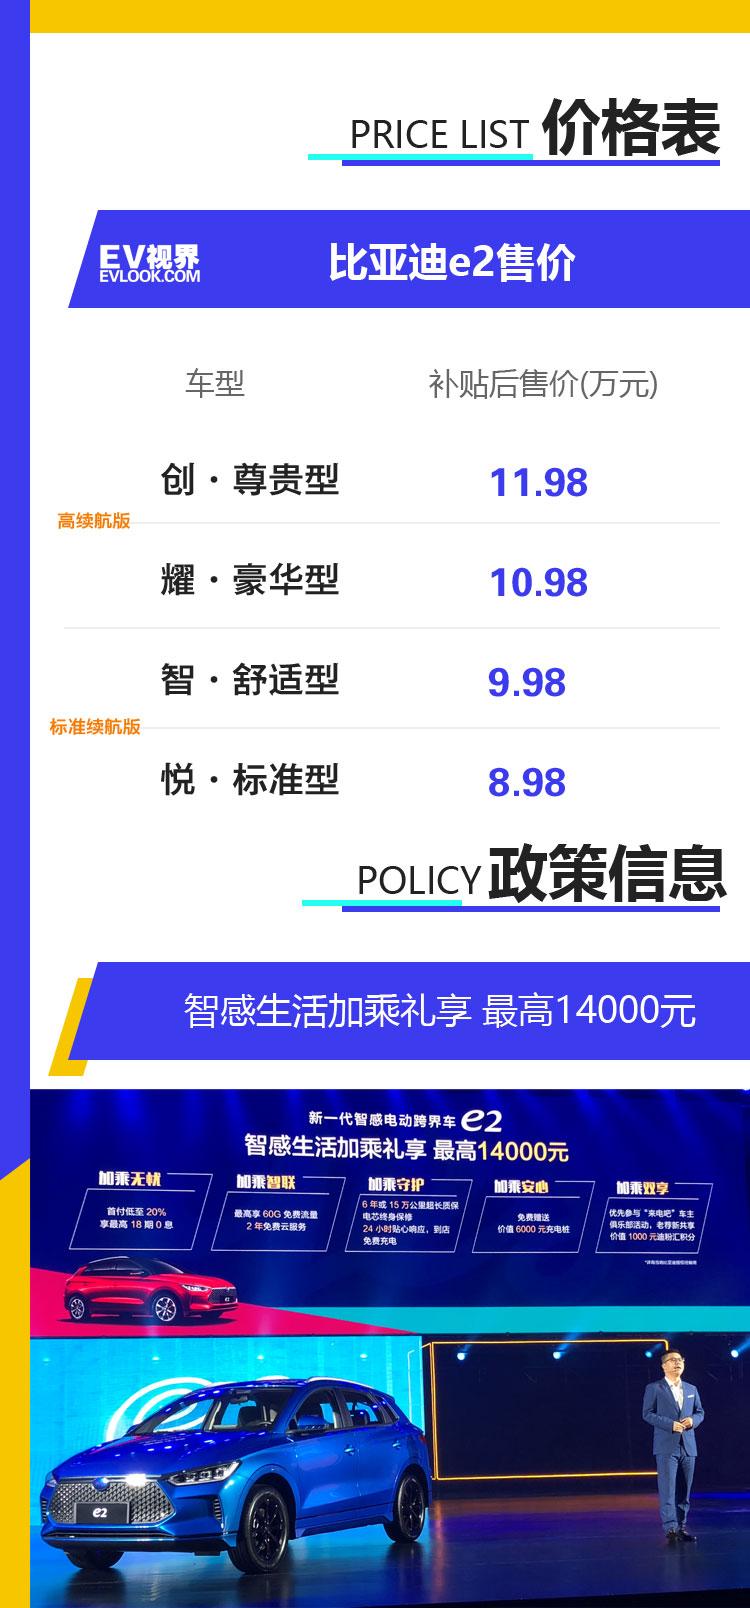 价格政策.jpg